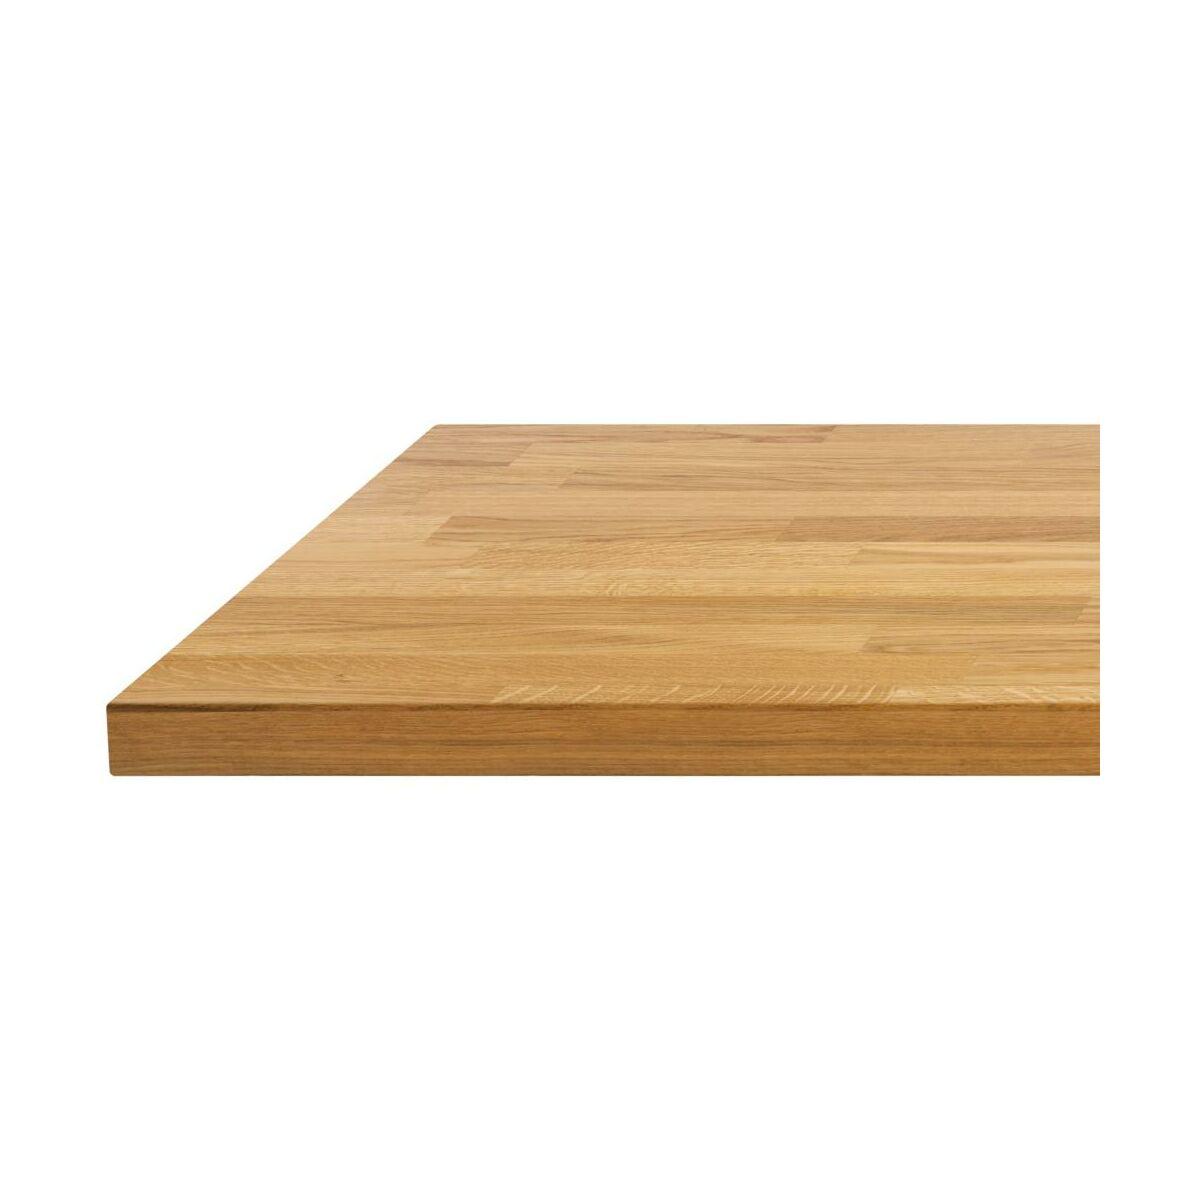 Blat Kuchenny Fornirowany Dab Premium Biuro Styl Blaty Drewniane W Atrakcyjnej Cenie W Sklepach Leroy Merlin